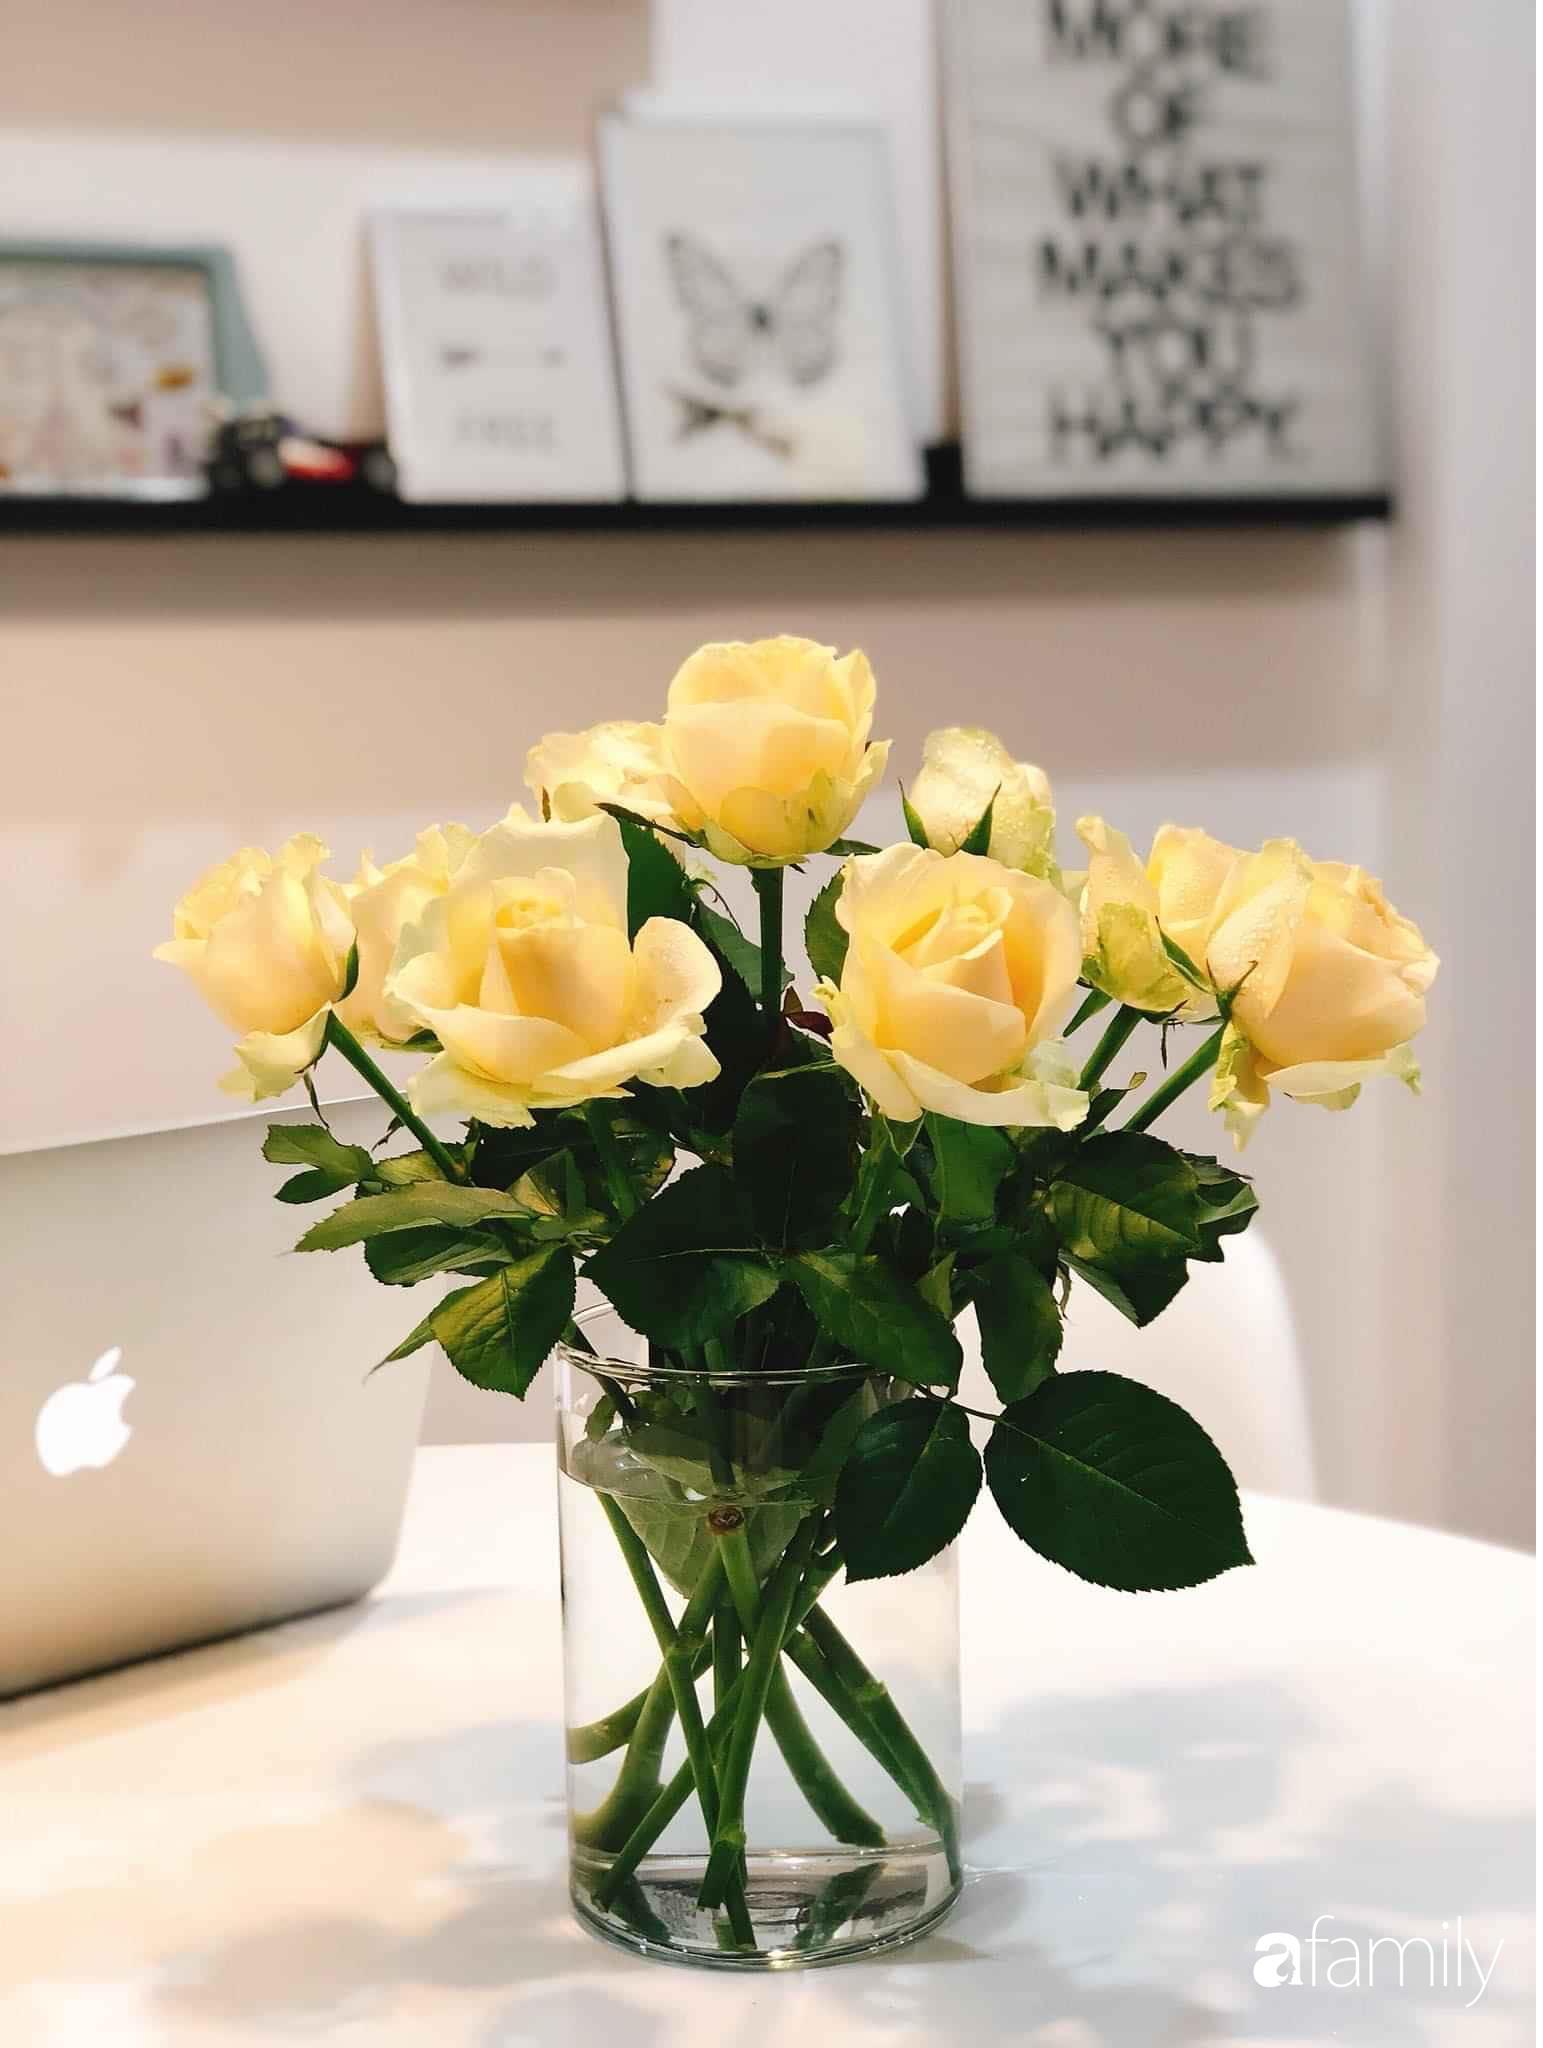 Bí quyết decor căn hộ 60m² luôn ngọt ngào và thoảng nhẹ hương thơm dịu dàng ở Hà Nội - Ảnh 17.